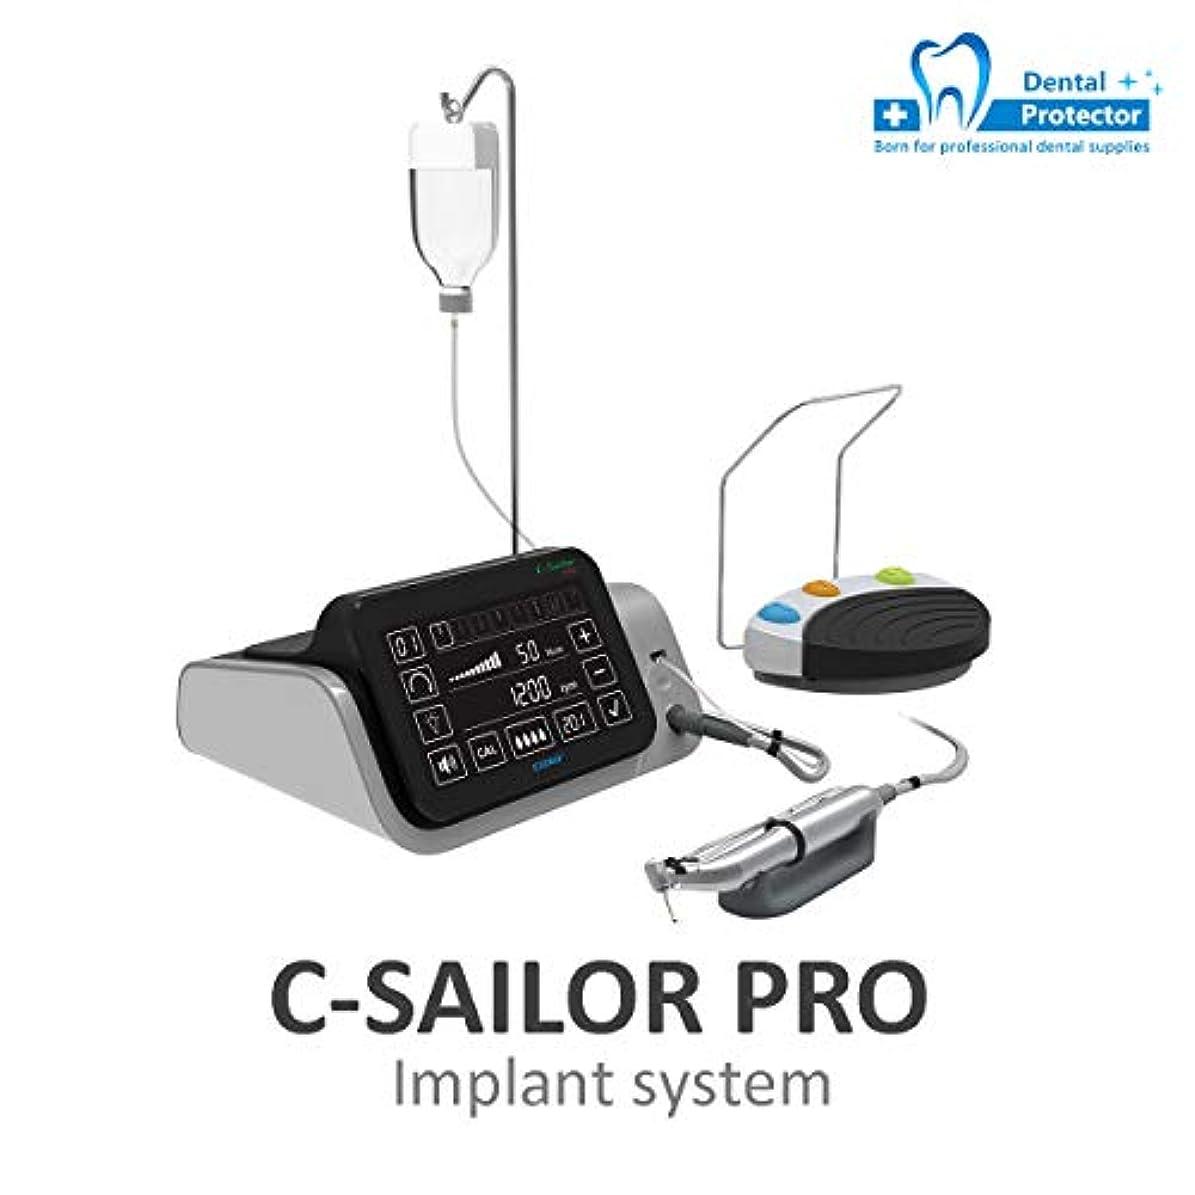 フリンジカバーメカニックCOXO 歯科インプラントモーター、 C-Sailor Pro 歯科用フィジカルサージカルモーター 1つの80 N.cmの対照的な角度を使って 強い力、 光ファイバーLEDライト タッチスクリーン制御